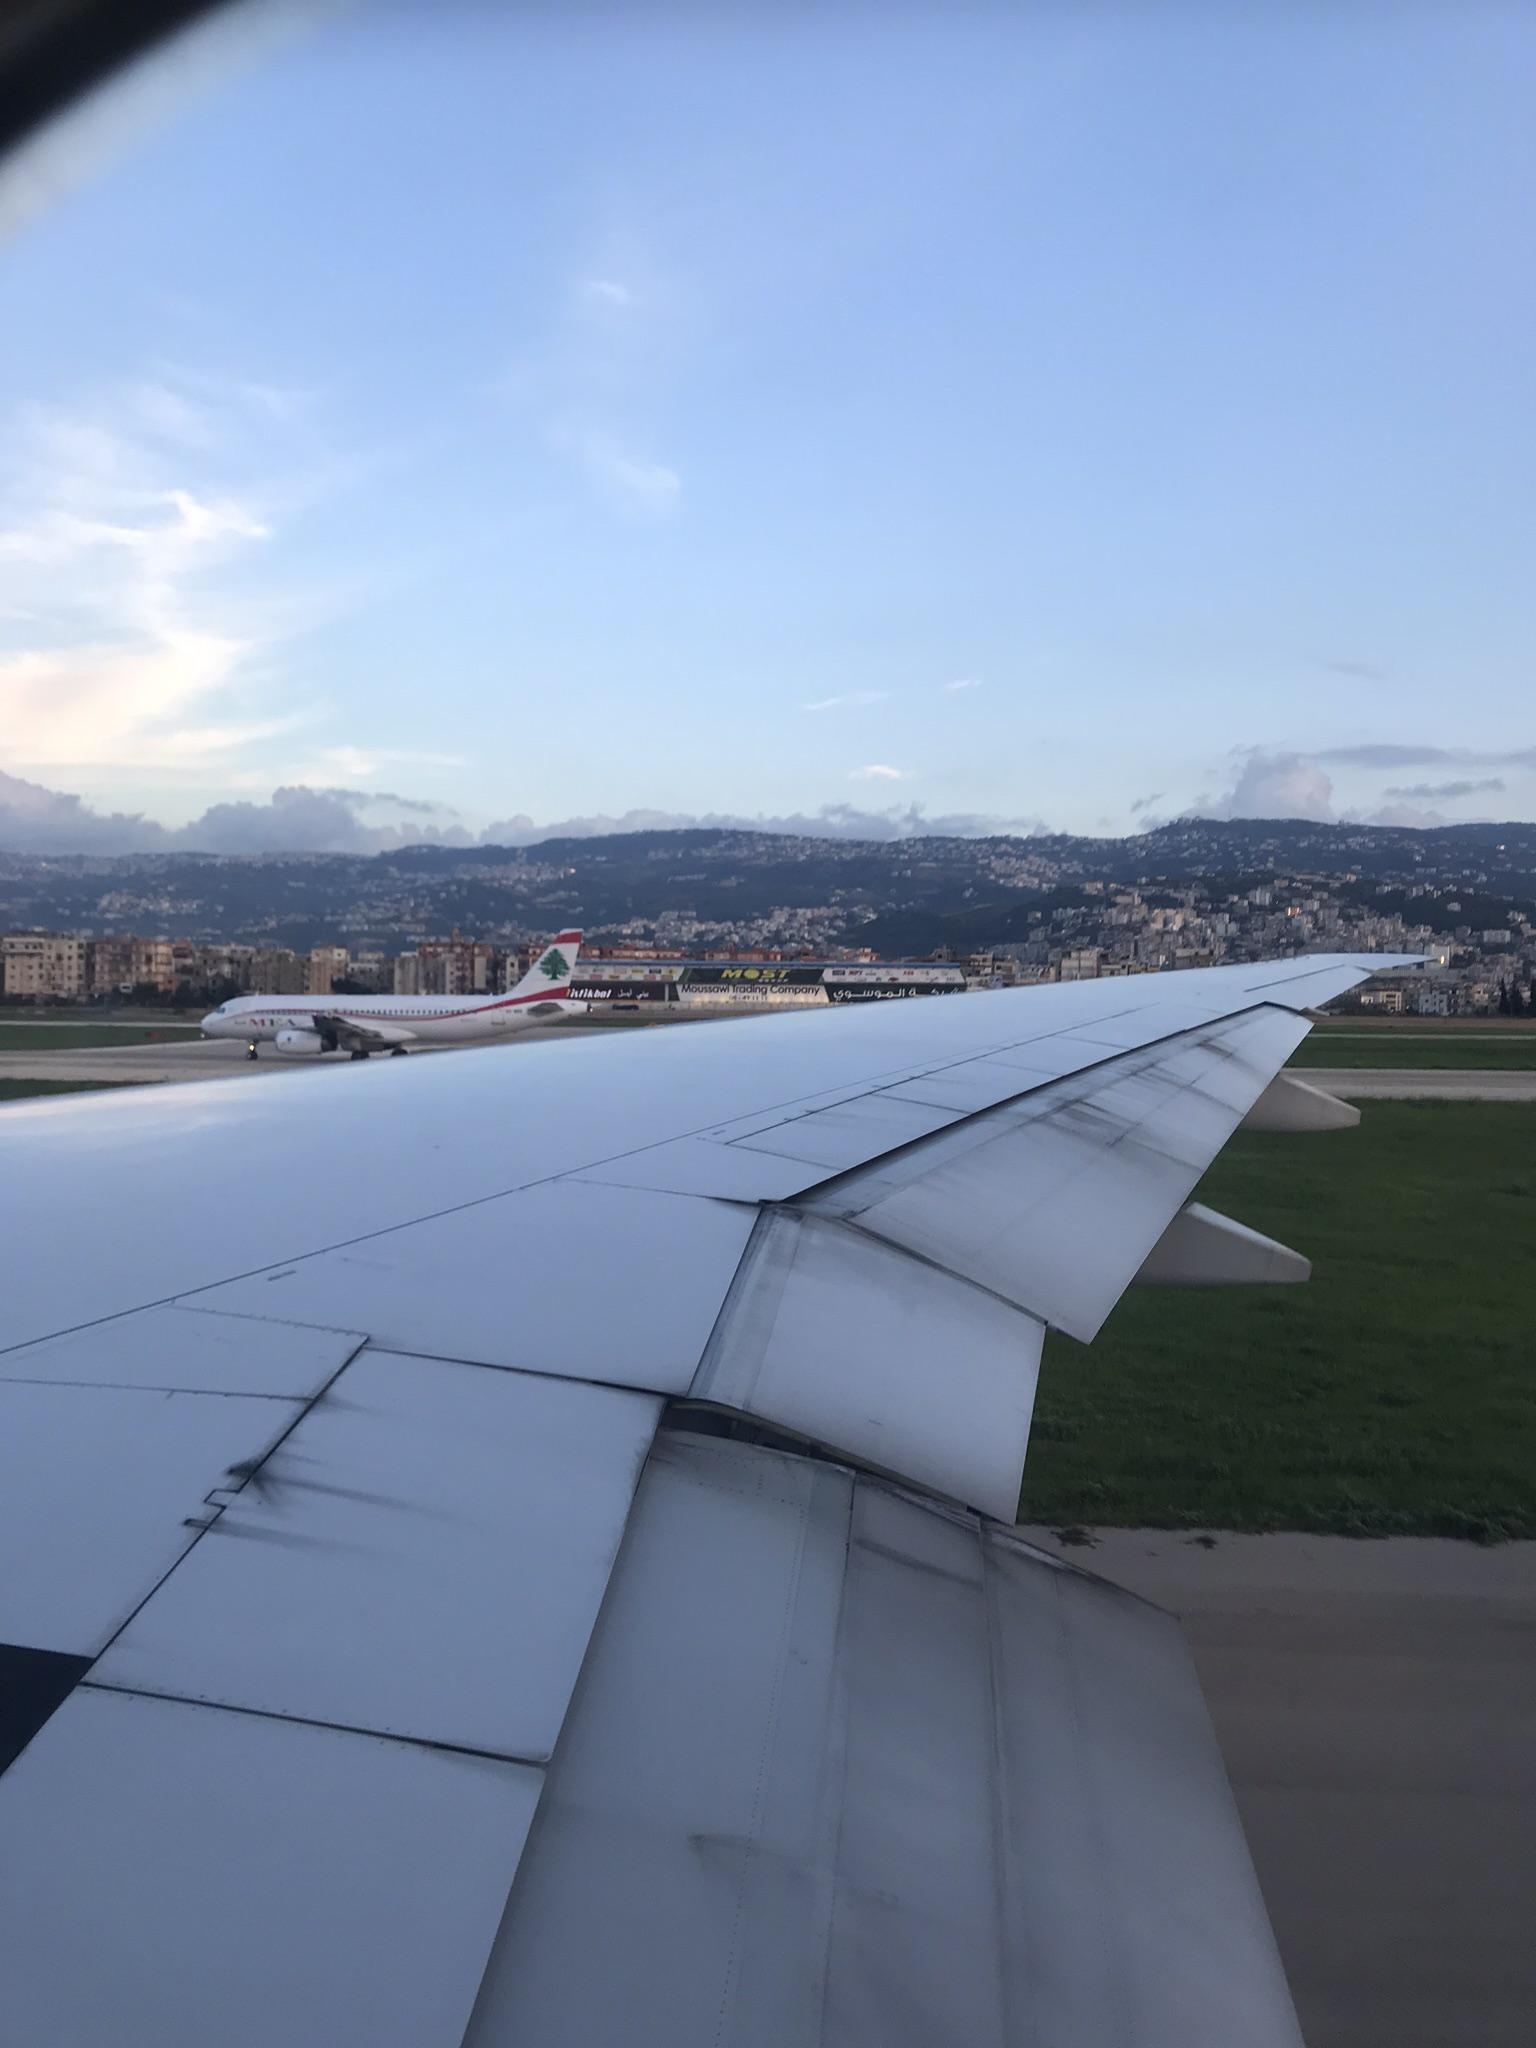 7_arrivee-avion